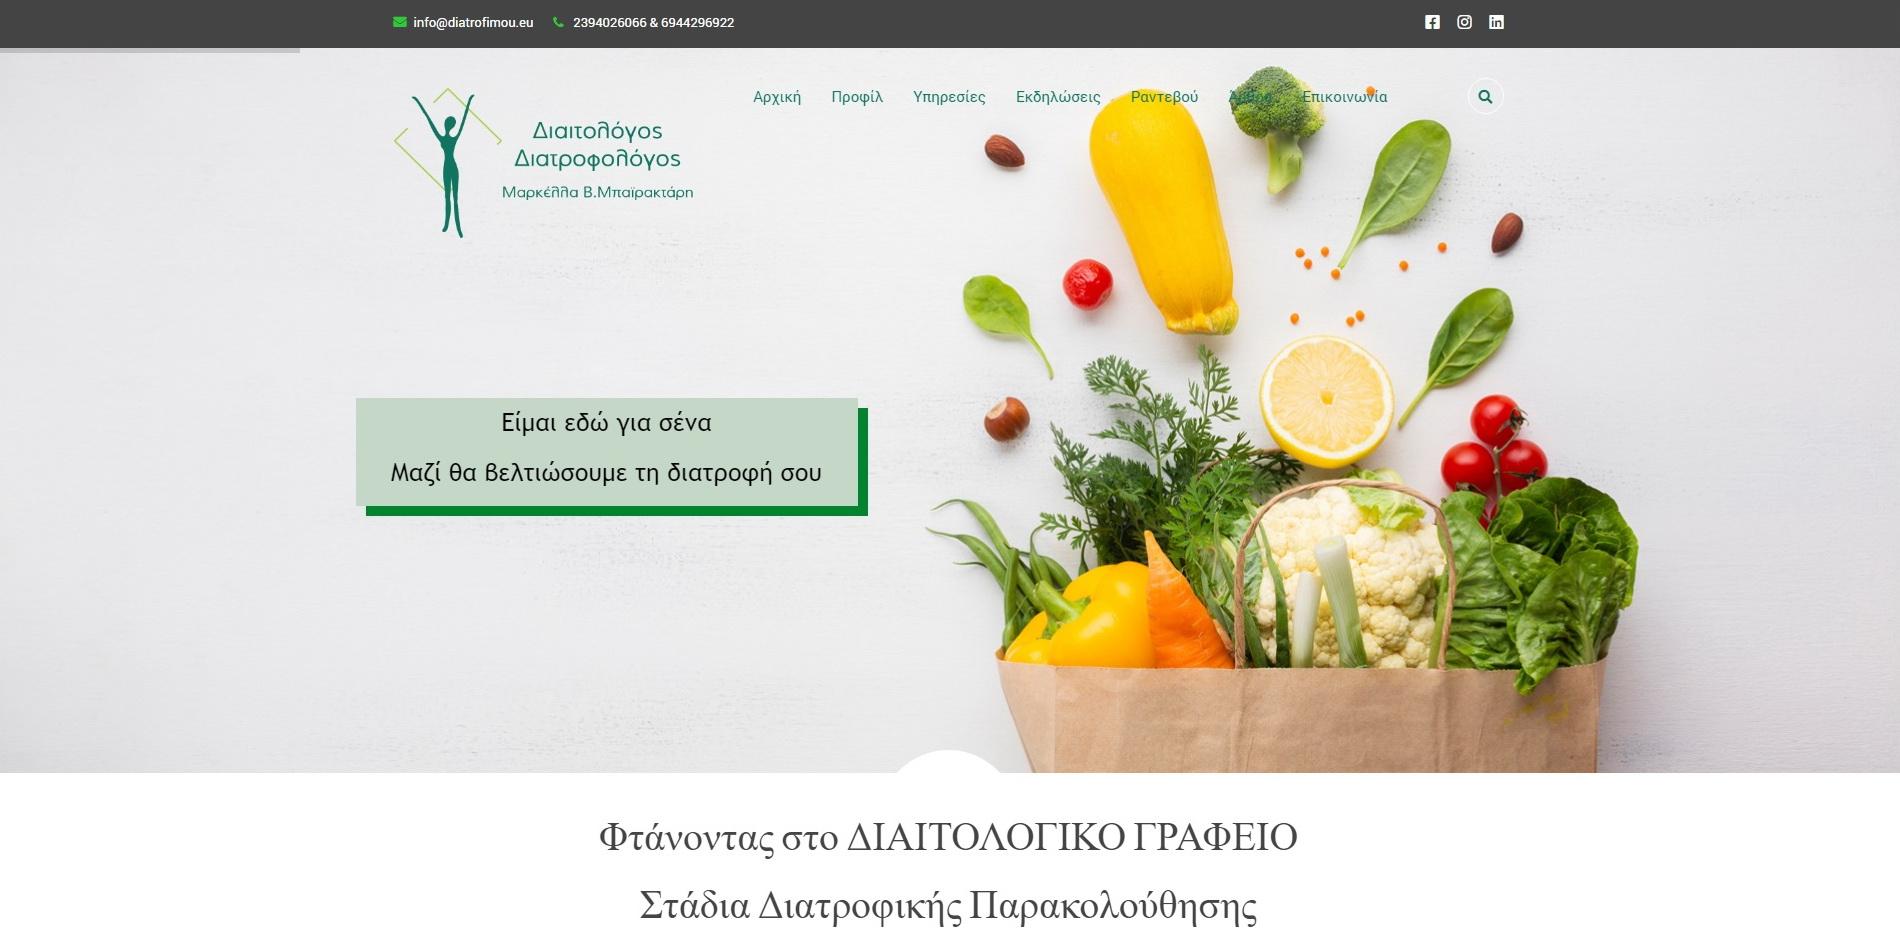 Νέο και Ανανεωμένο Web Design στην Ιστοσελίδα diatrofimou.eu από τη VisionCA